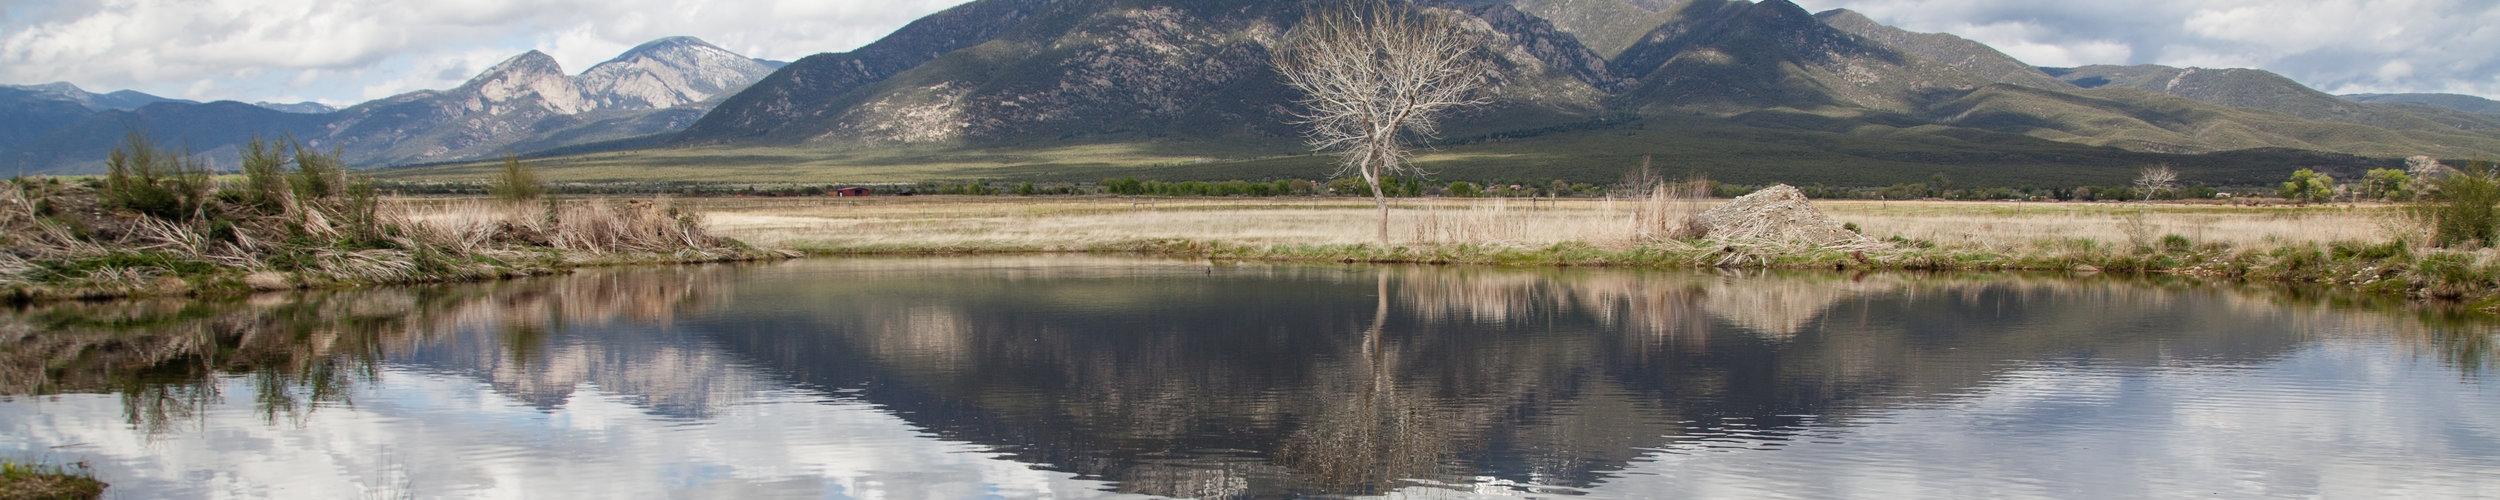 Rio Grande (c) Alan Eckert Photography.jpg